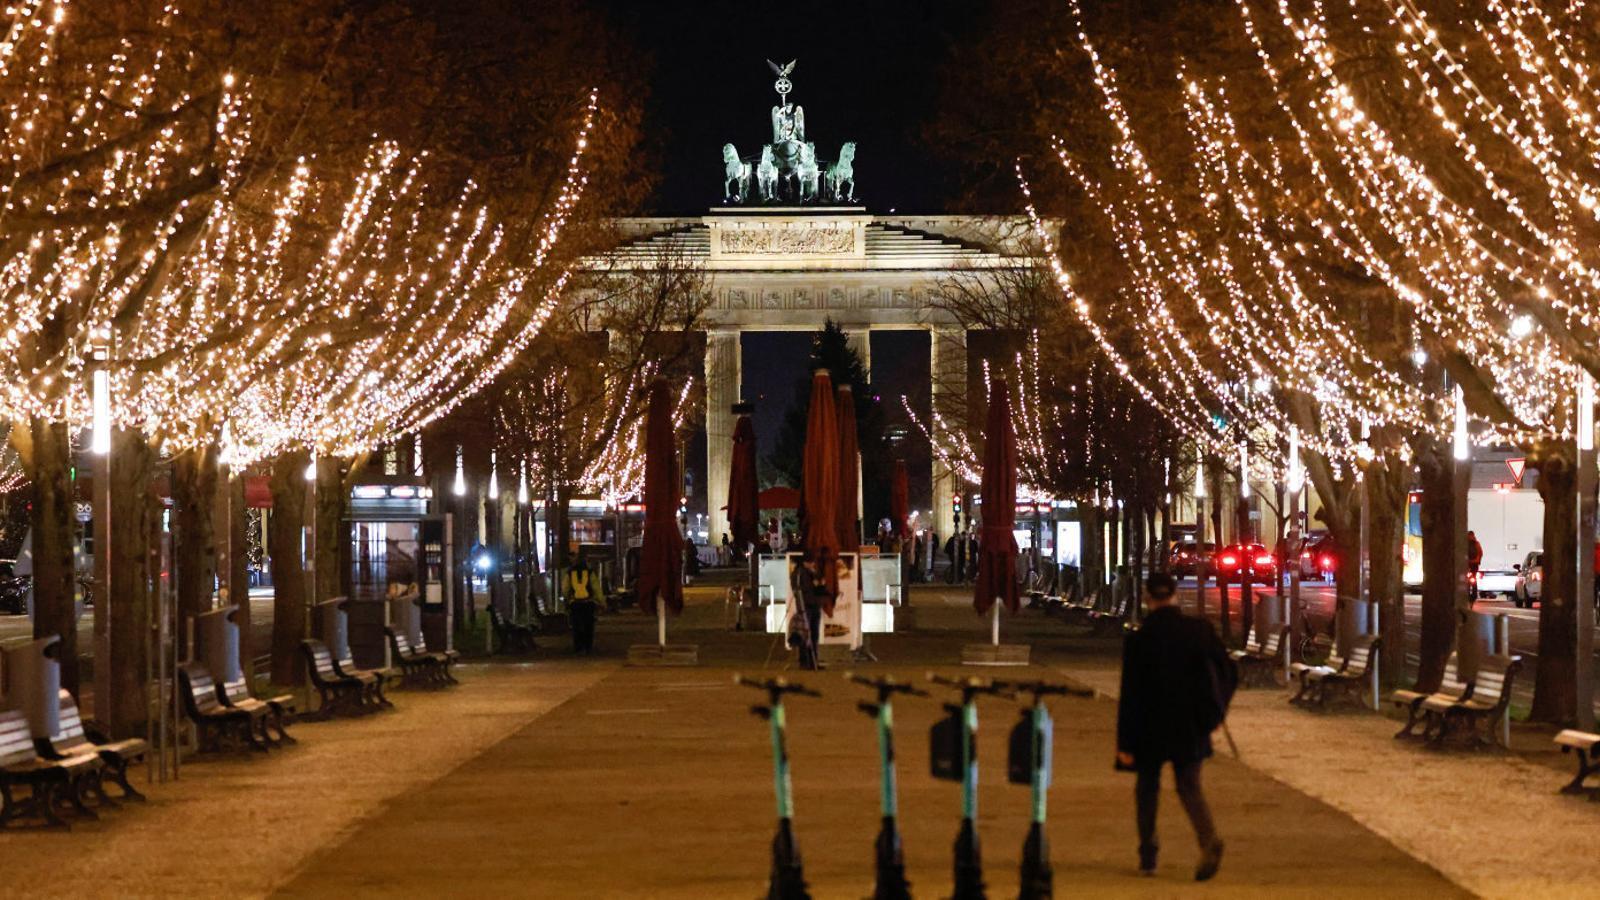 Llums de Nadal a la porta de Brandenburg, al centre de Berlín.